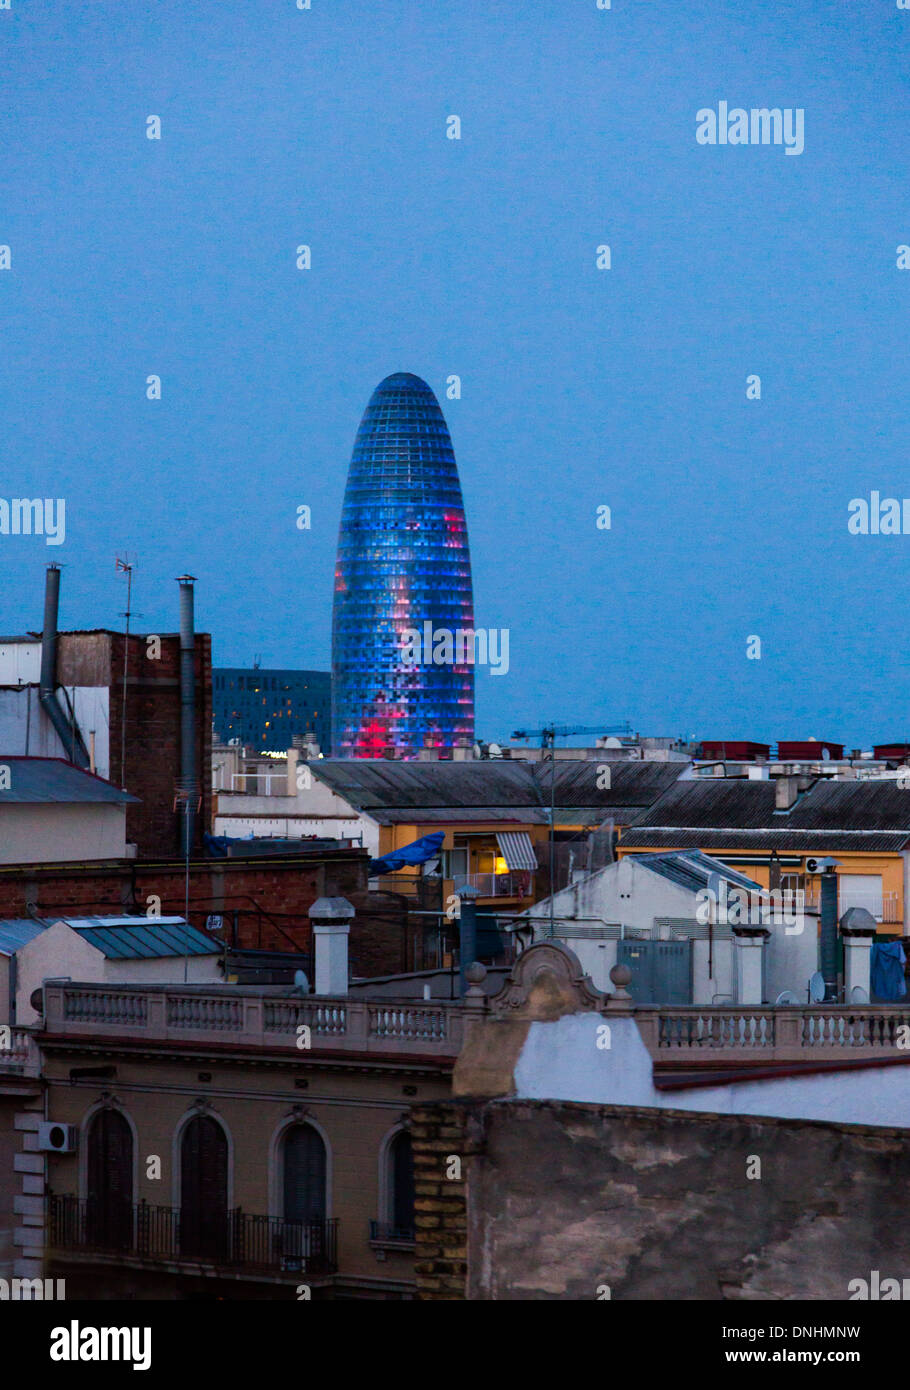 Dans une ville, la tour Torre Agbar, Barcelone, Catalogne, Espagne Banque D'Images